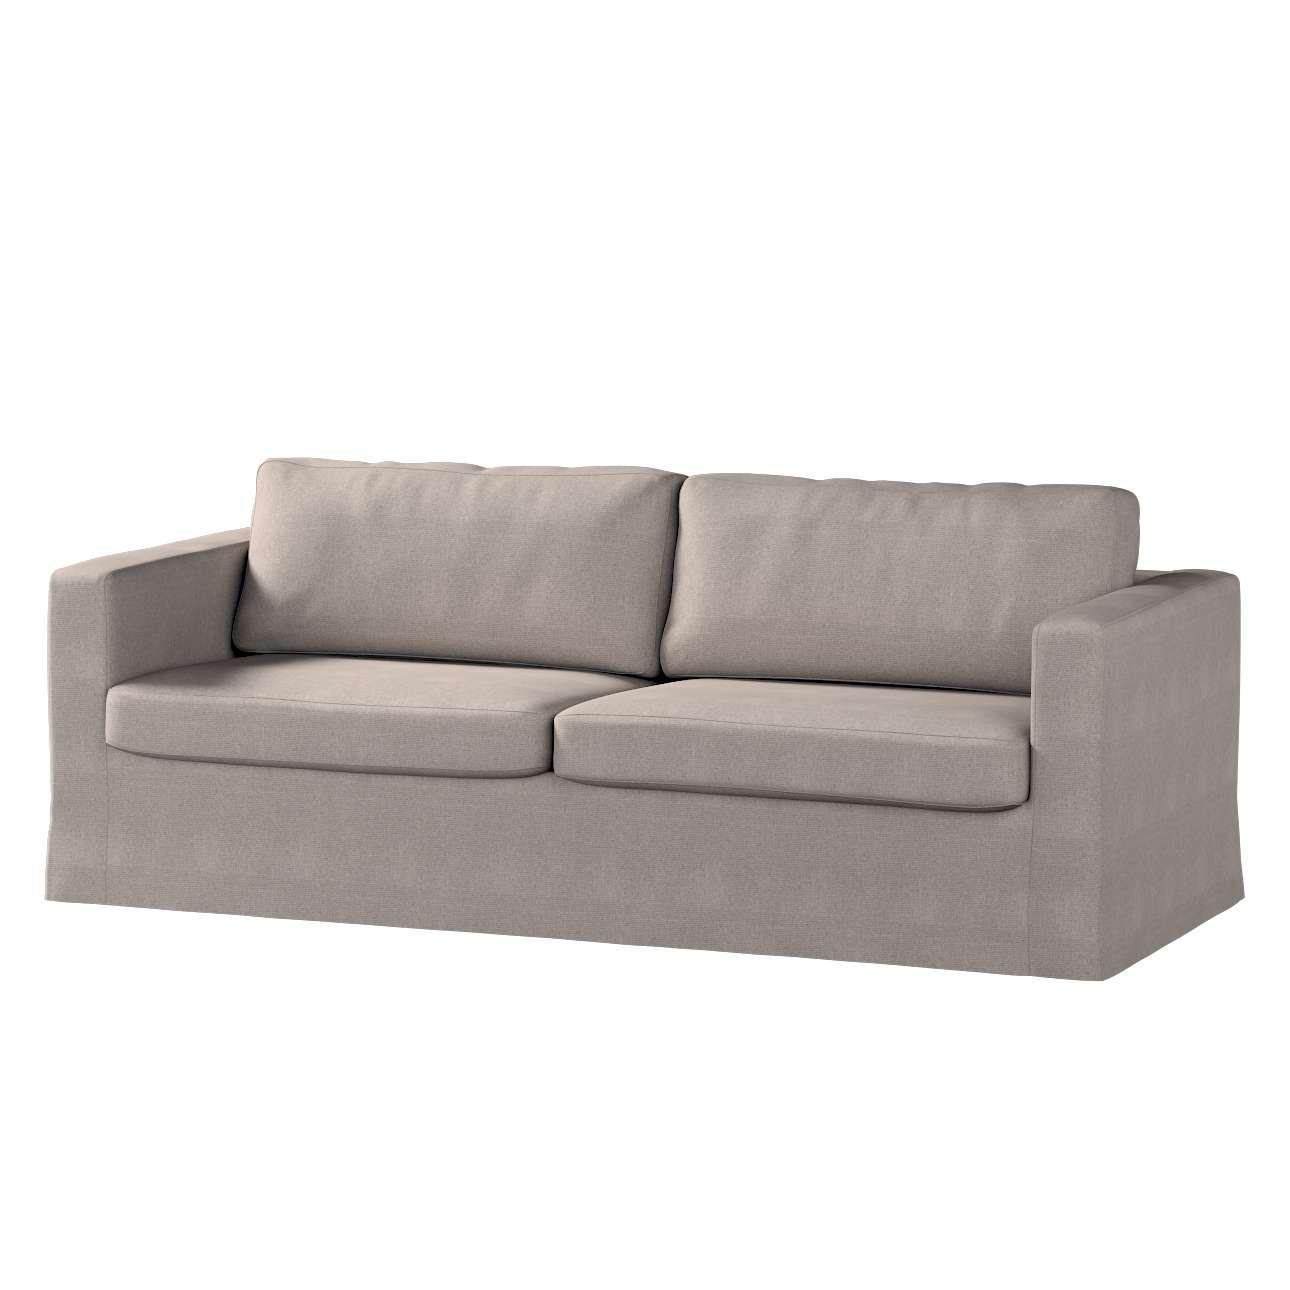 Karlstad trivietės sofos užvalkalas (ilgas, iki žemės) Karlstad trivietės sofos užvalkalas (ilgas, iki žemės) kolekcijoje Etna , audinys: 705-09